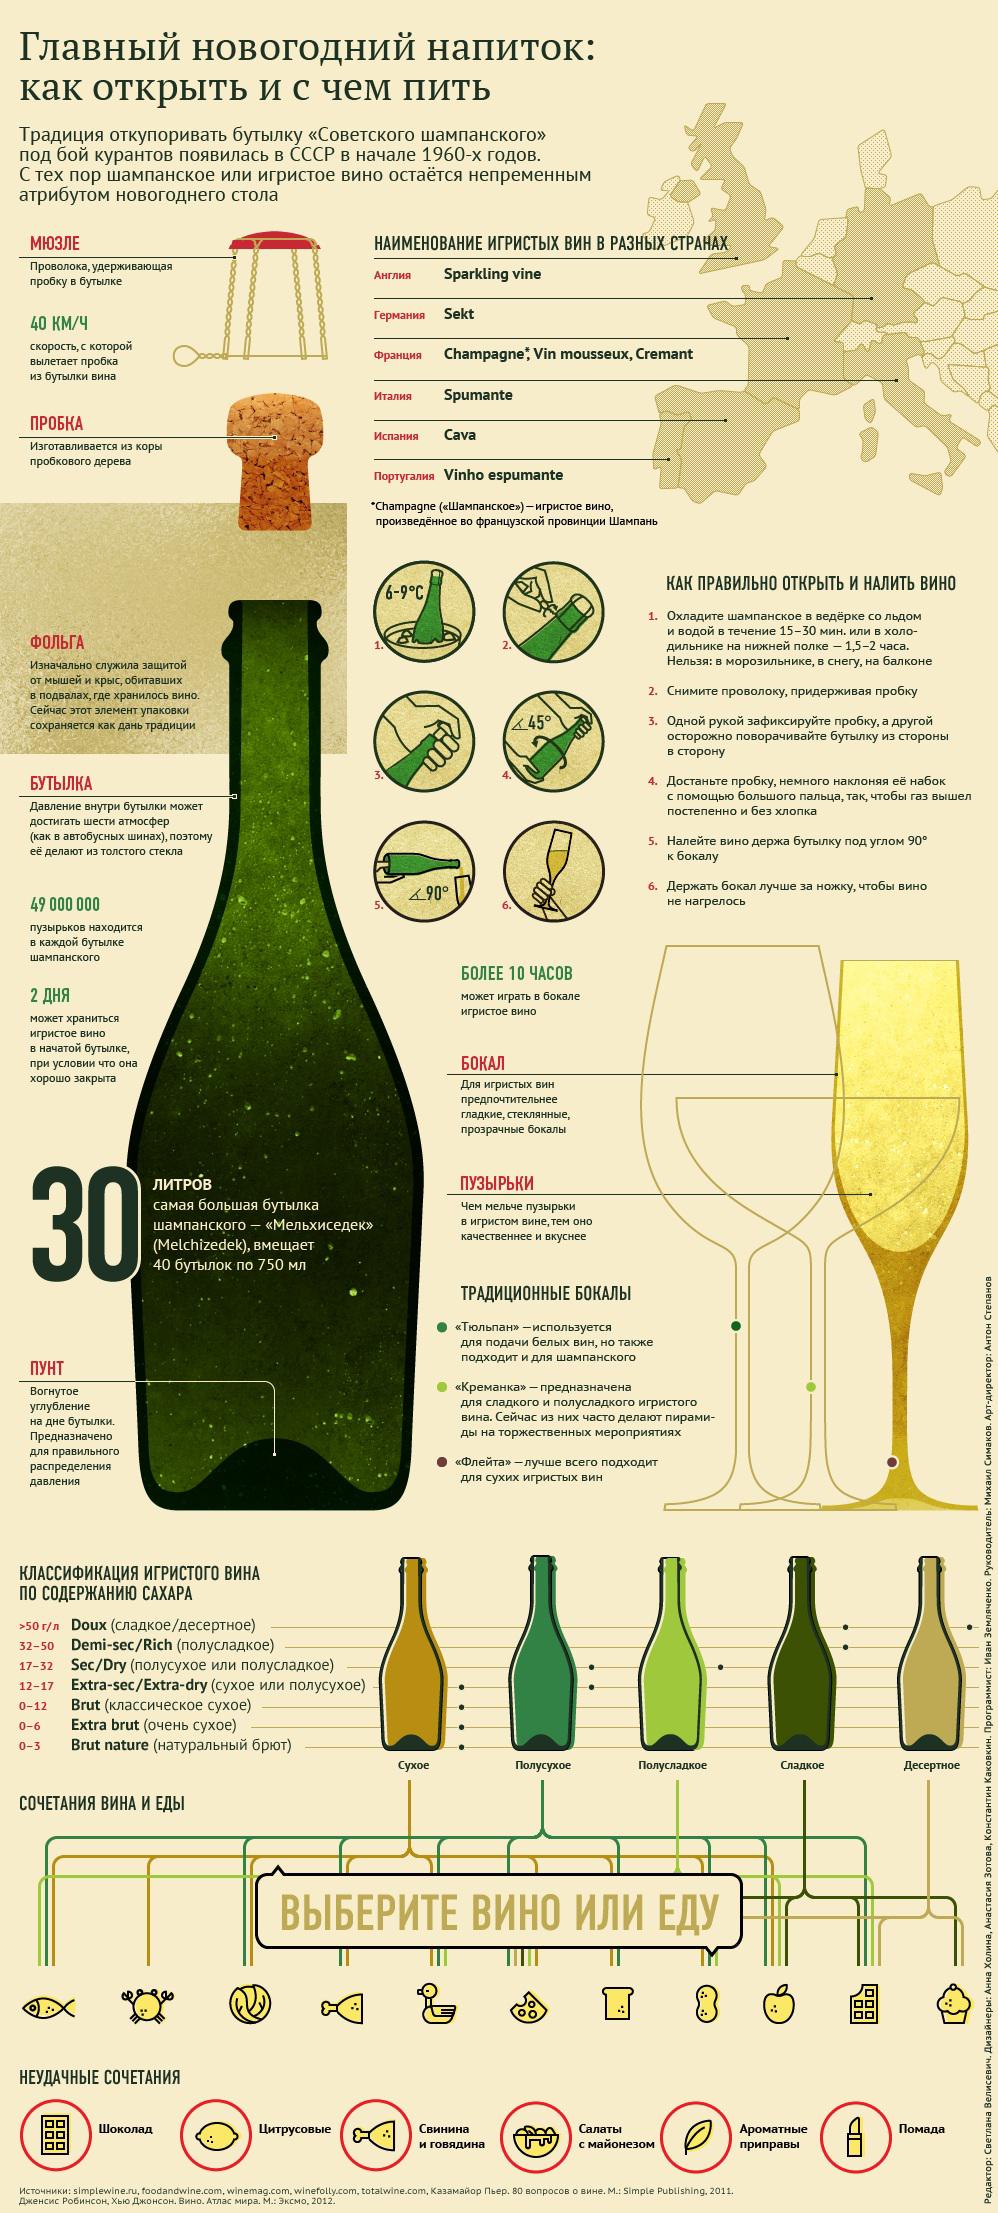 Главный новогодний напиток: как открыть и с чем пить